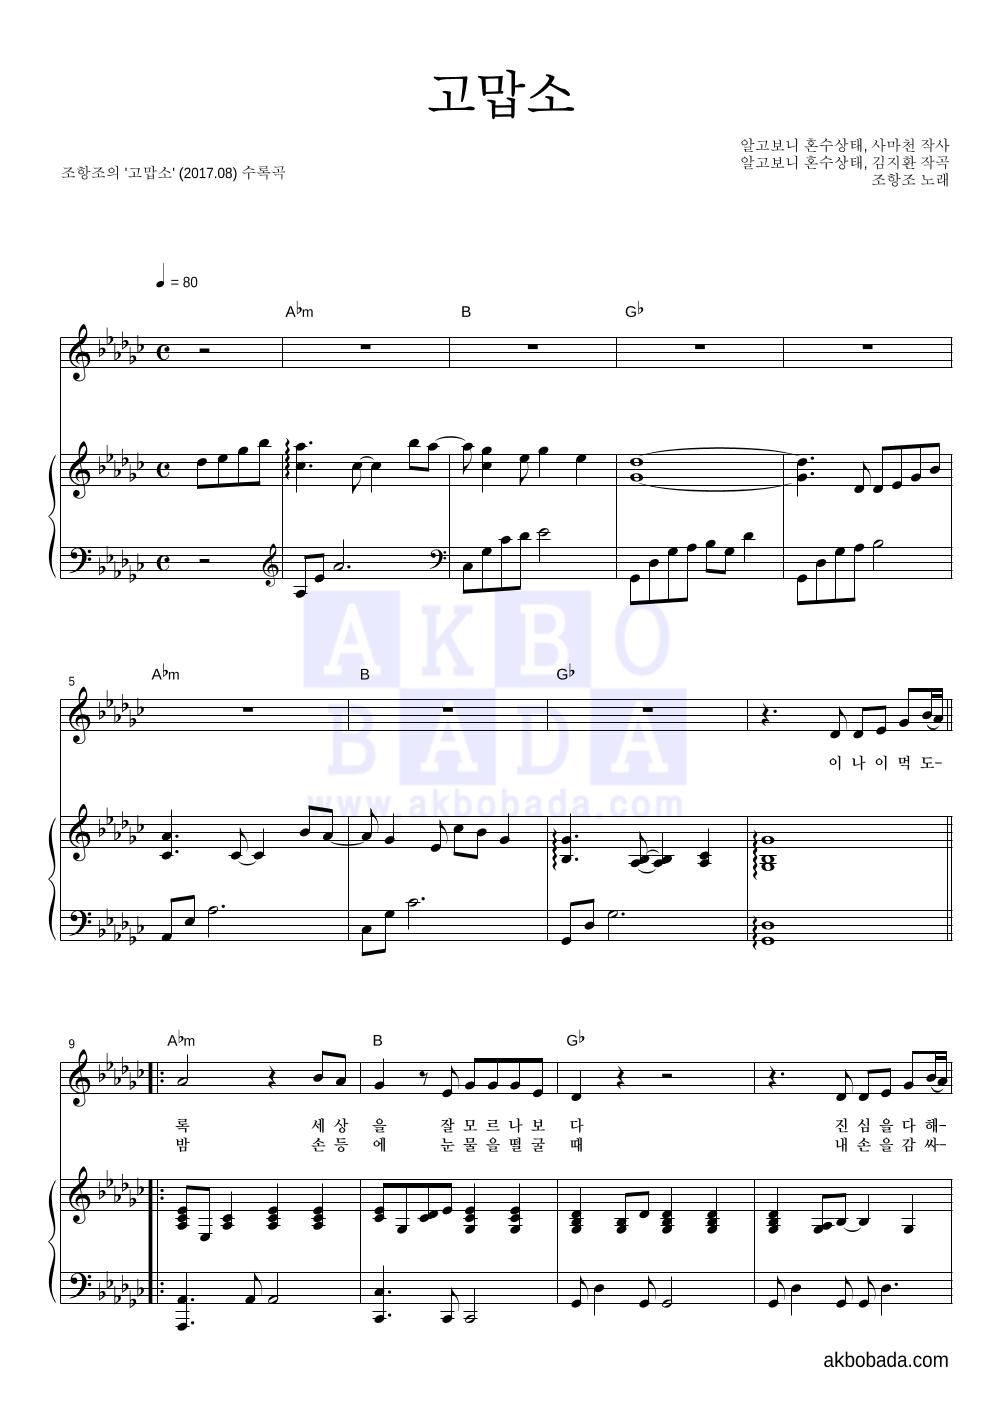 조항조 - 고맙소 피아노 3단 악보